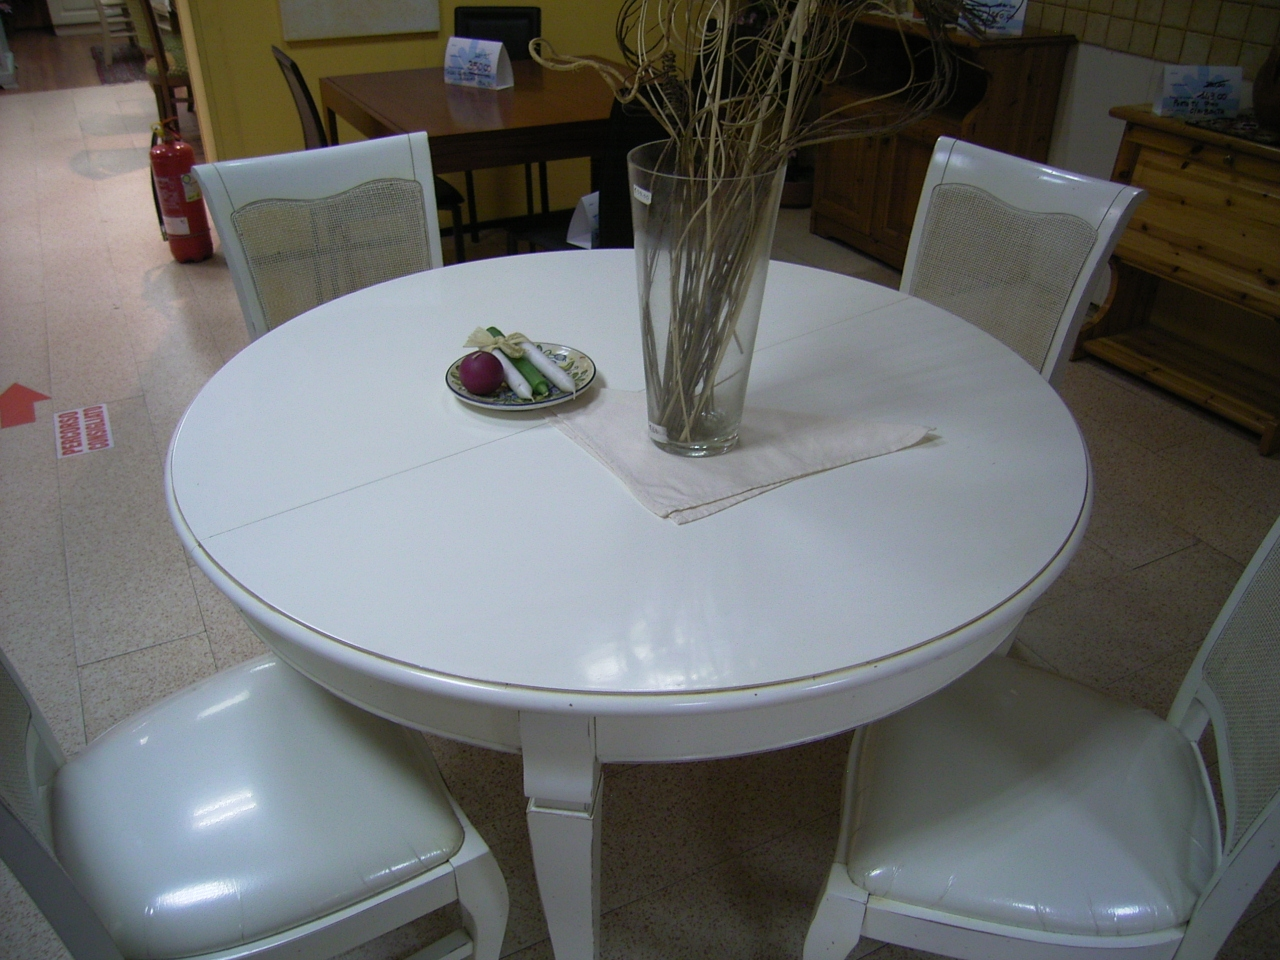 Offerta tavolo con 4 sedie bianco antico tavoli a prezzi scontati - Tavolo con sedie offerte ...